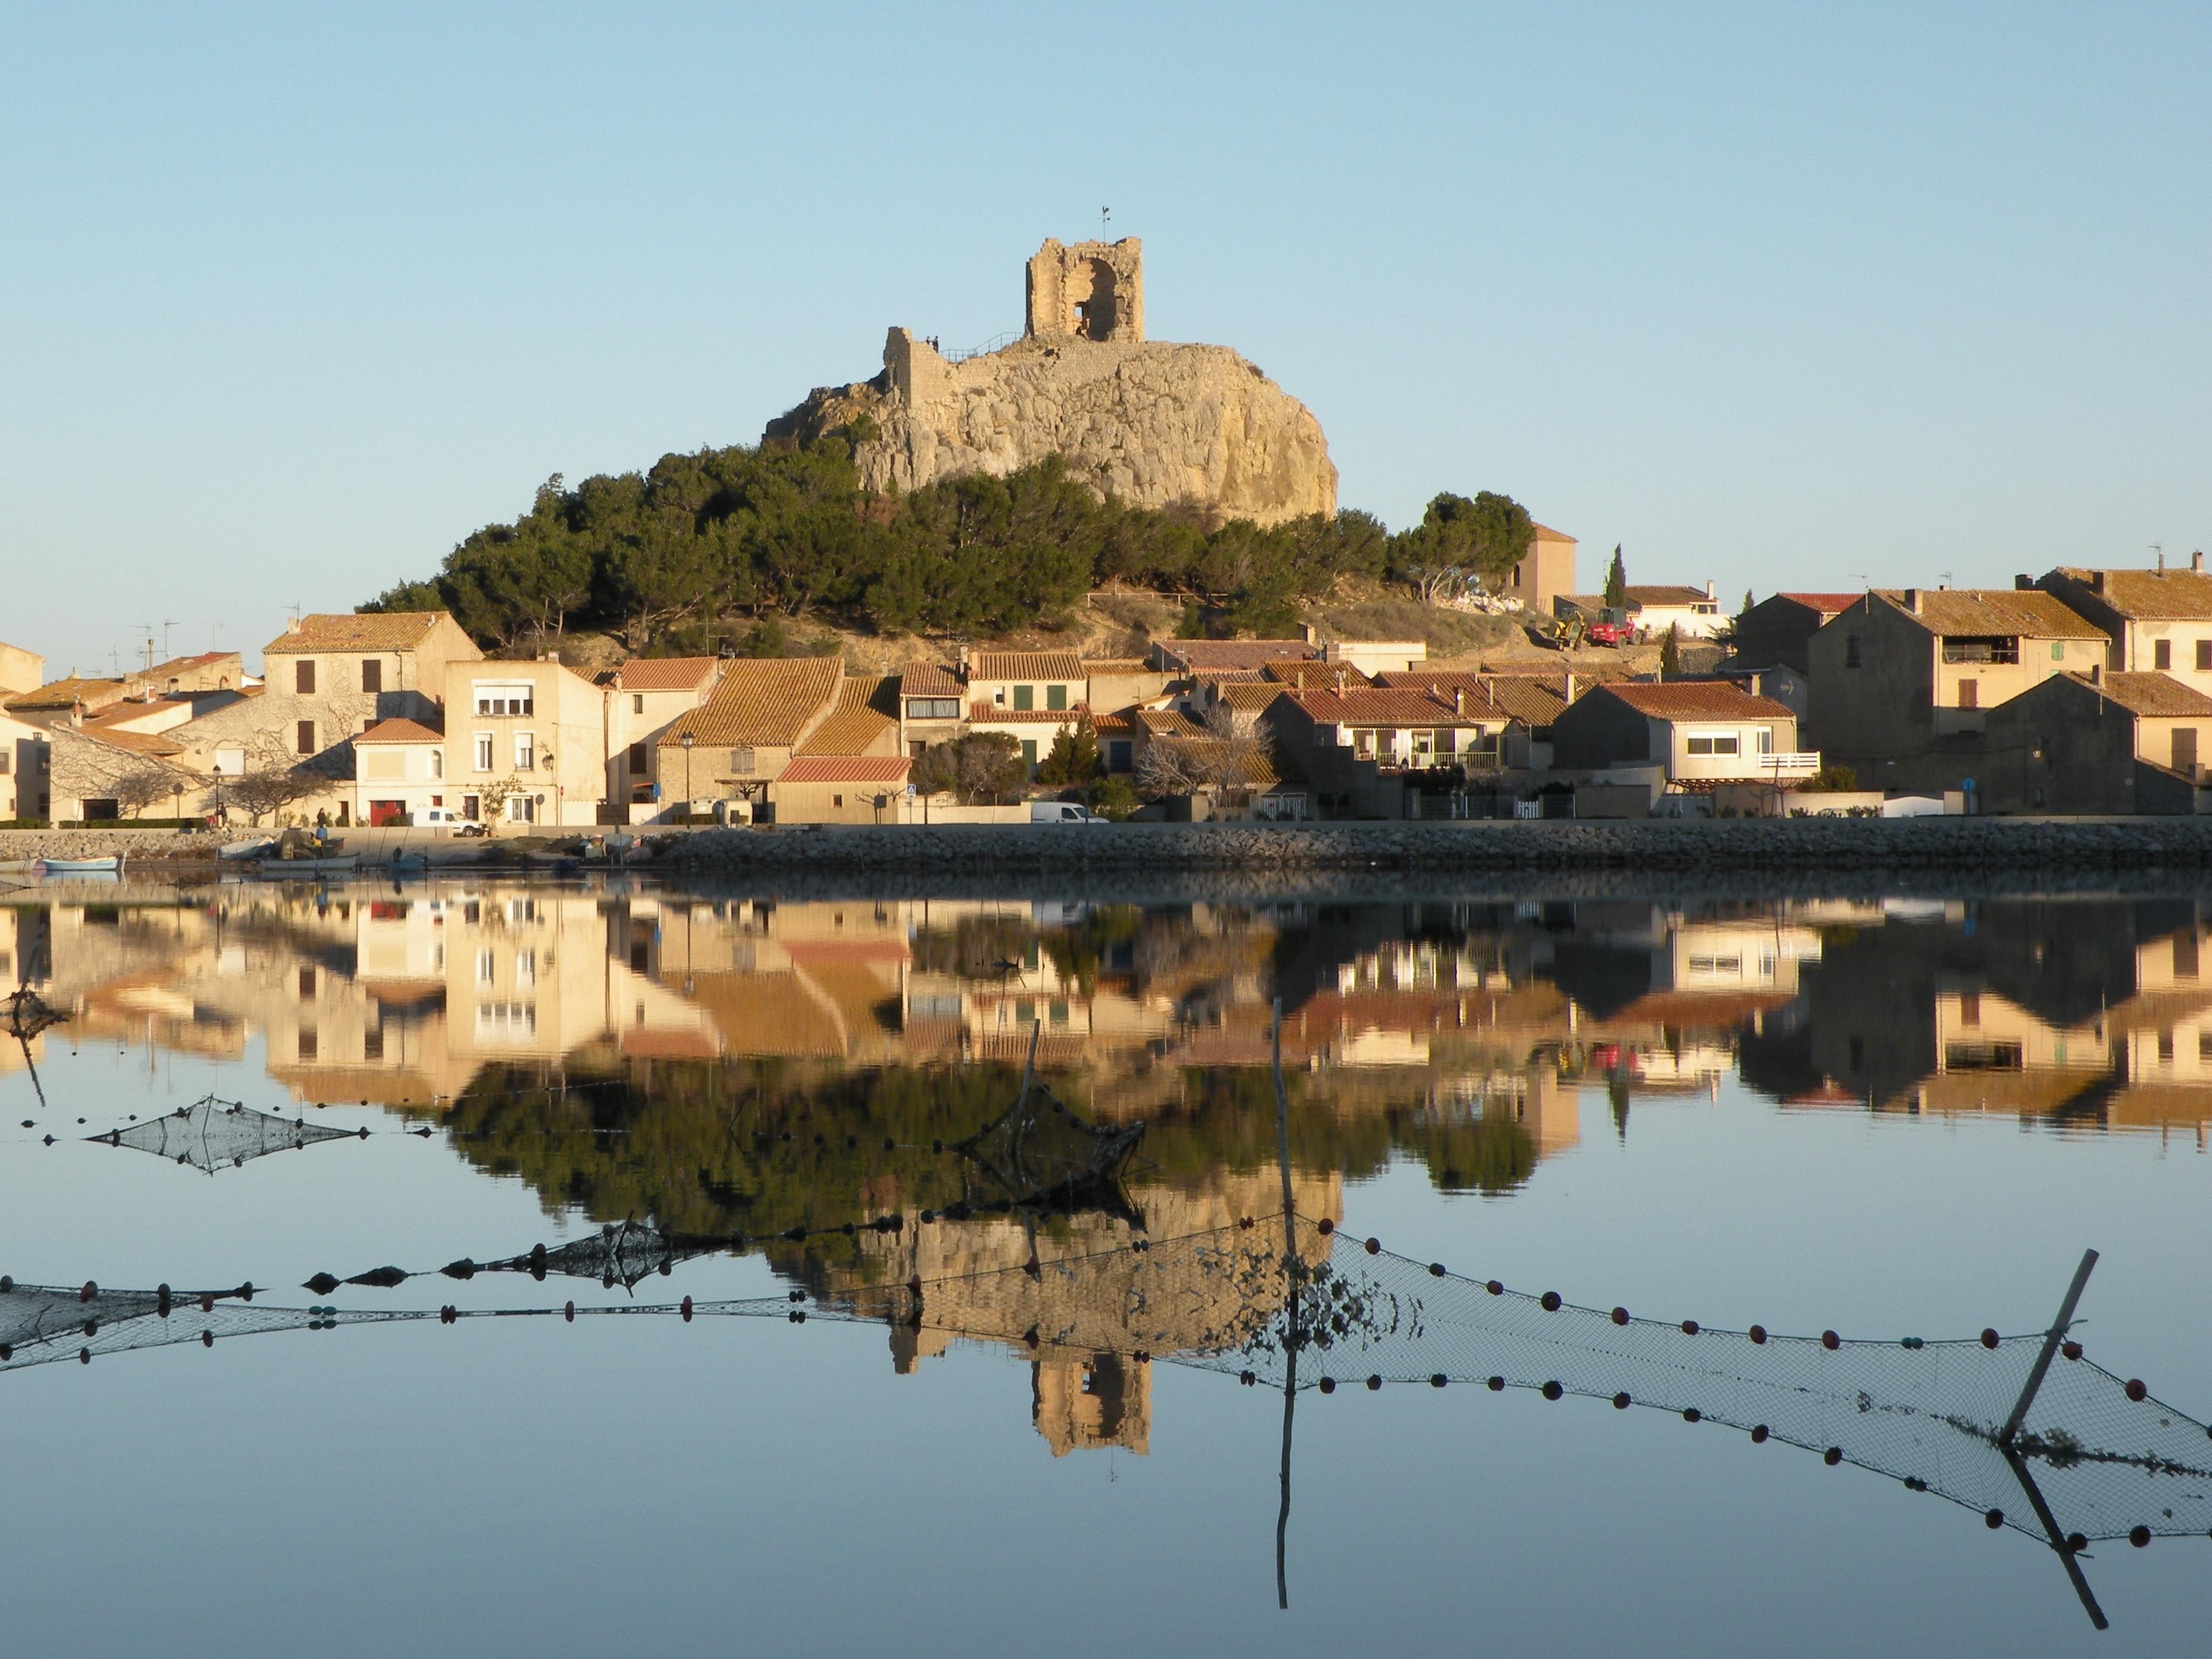 Tour Barberousse, Gruissan, Aude (département), France